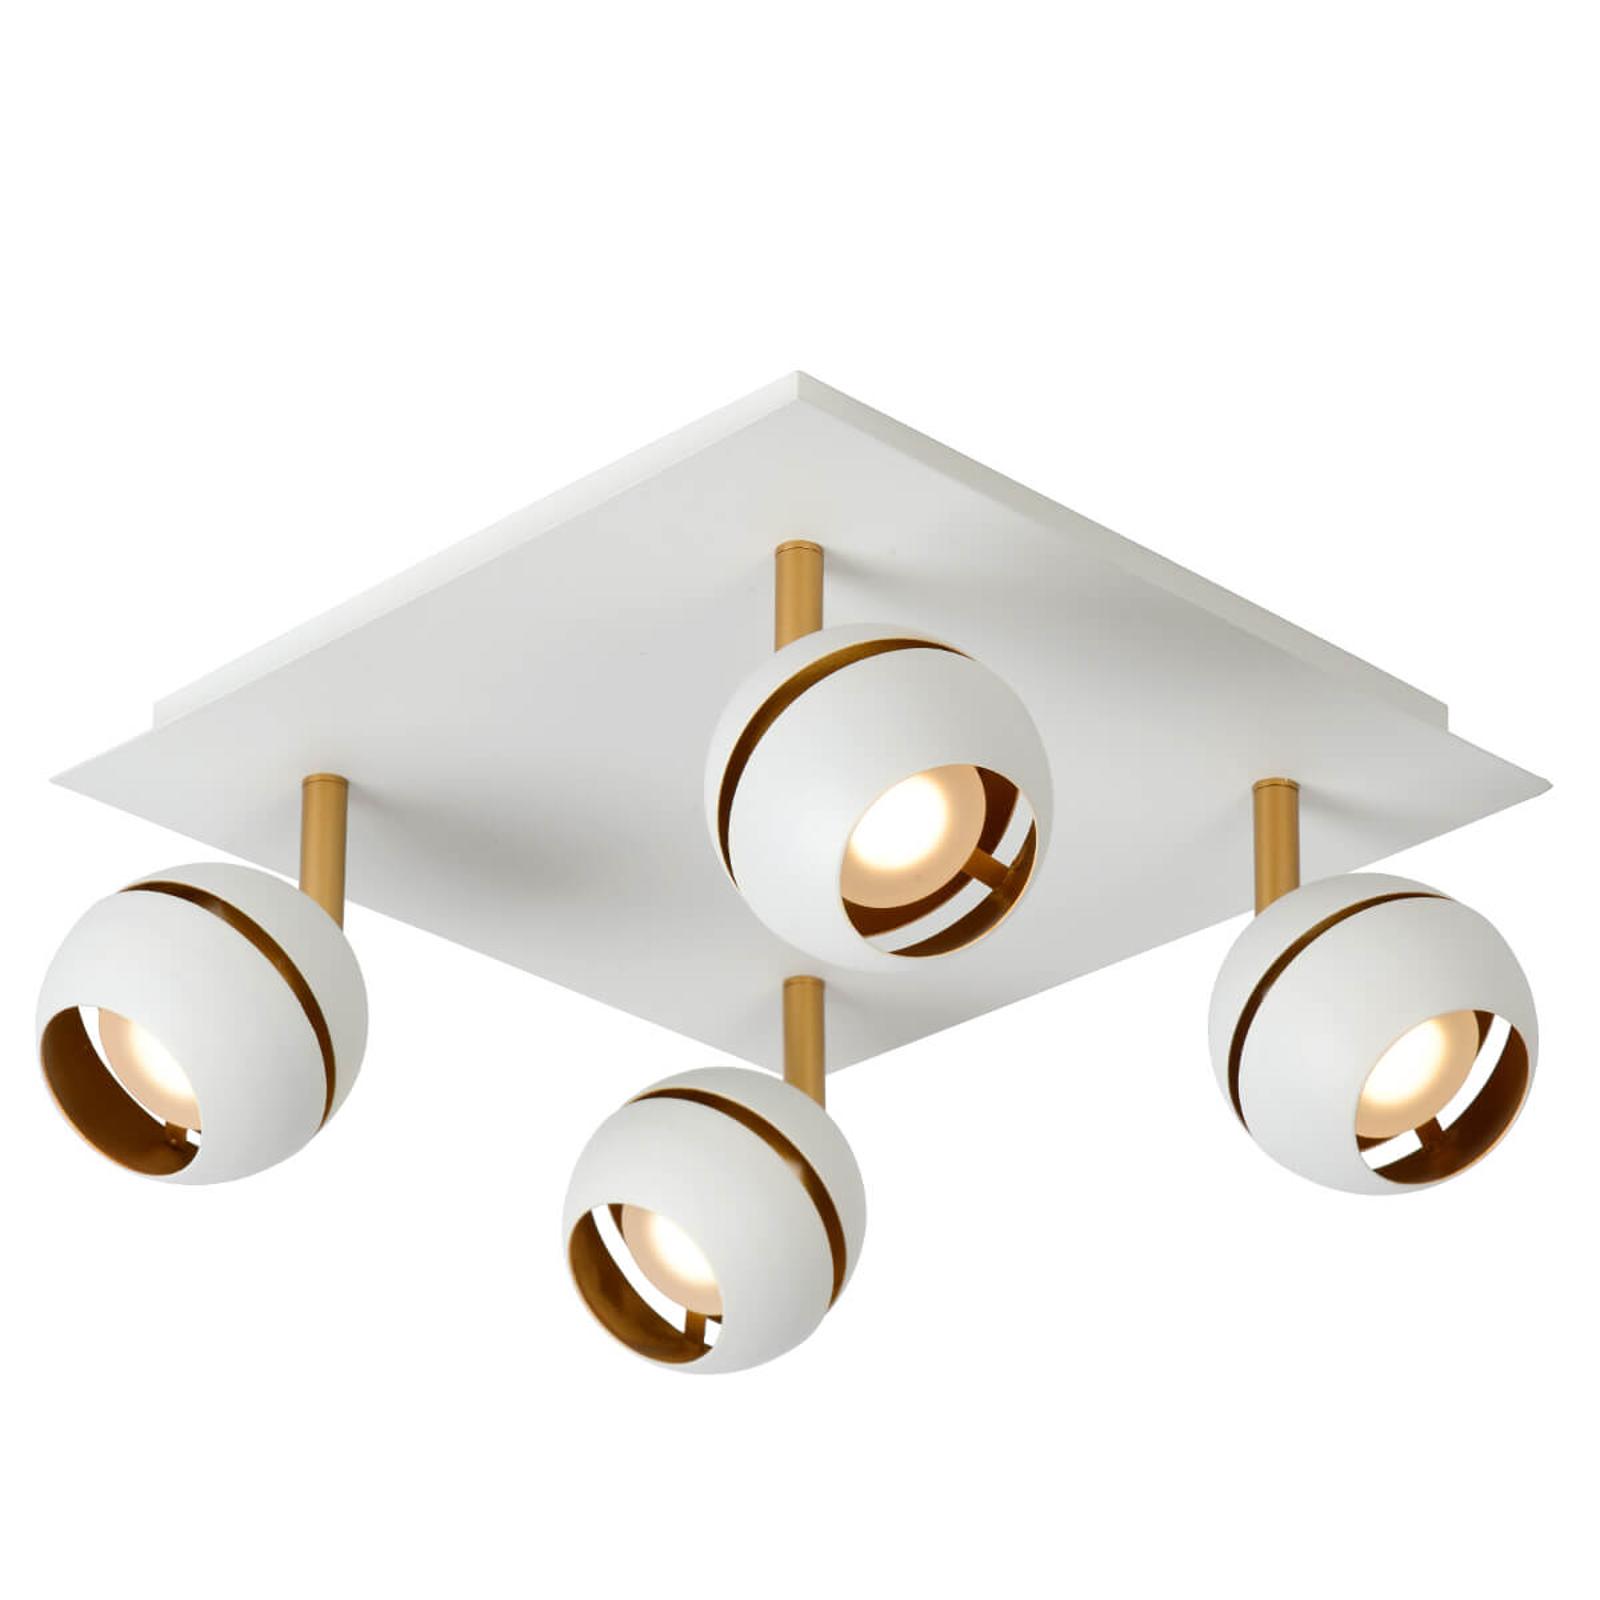 LED-kattovalaisin Binari, 4-lamppuinen, valkoinen